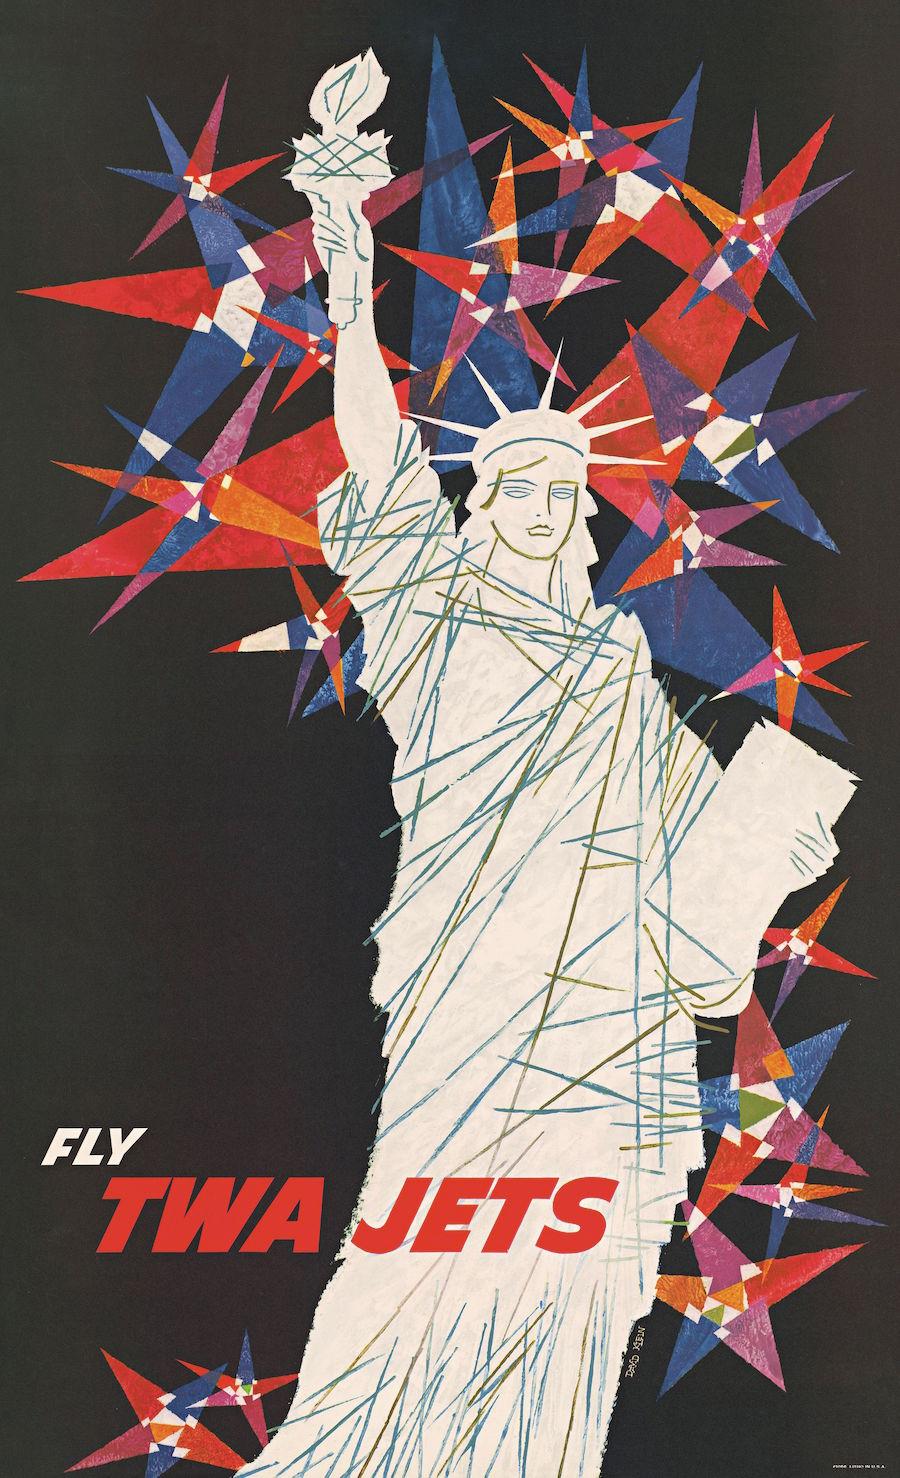 TWA airline advertising branding